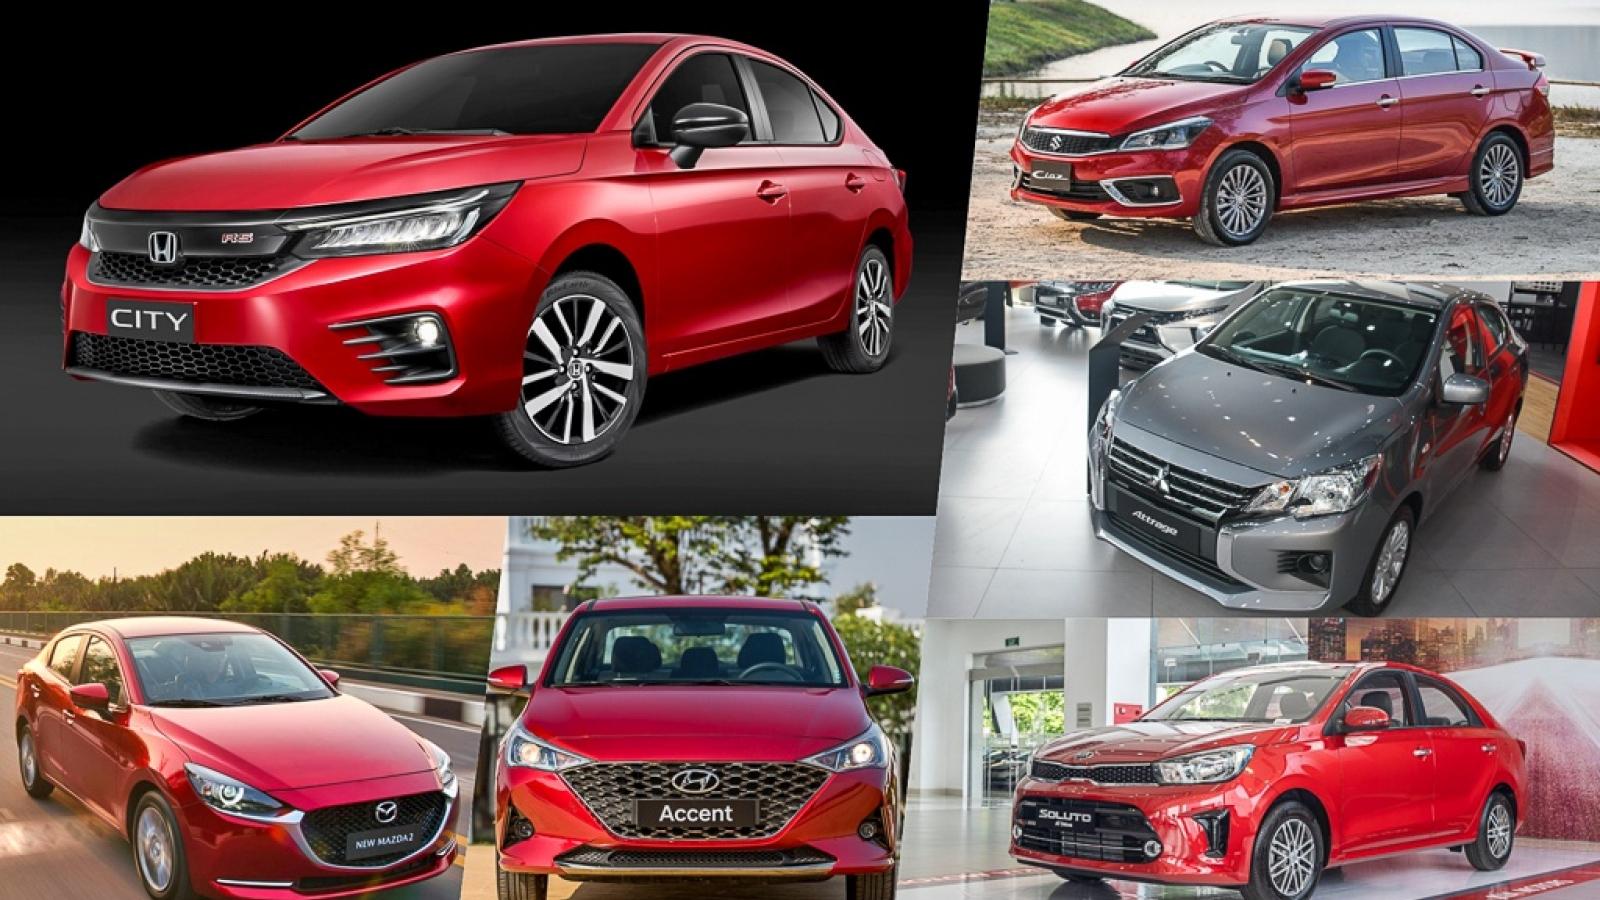 Thị trường ô tô lao dốc, doanh số nhiều mẫu sedan hạng B thấp kỷ lục trong tháng 8